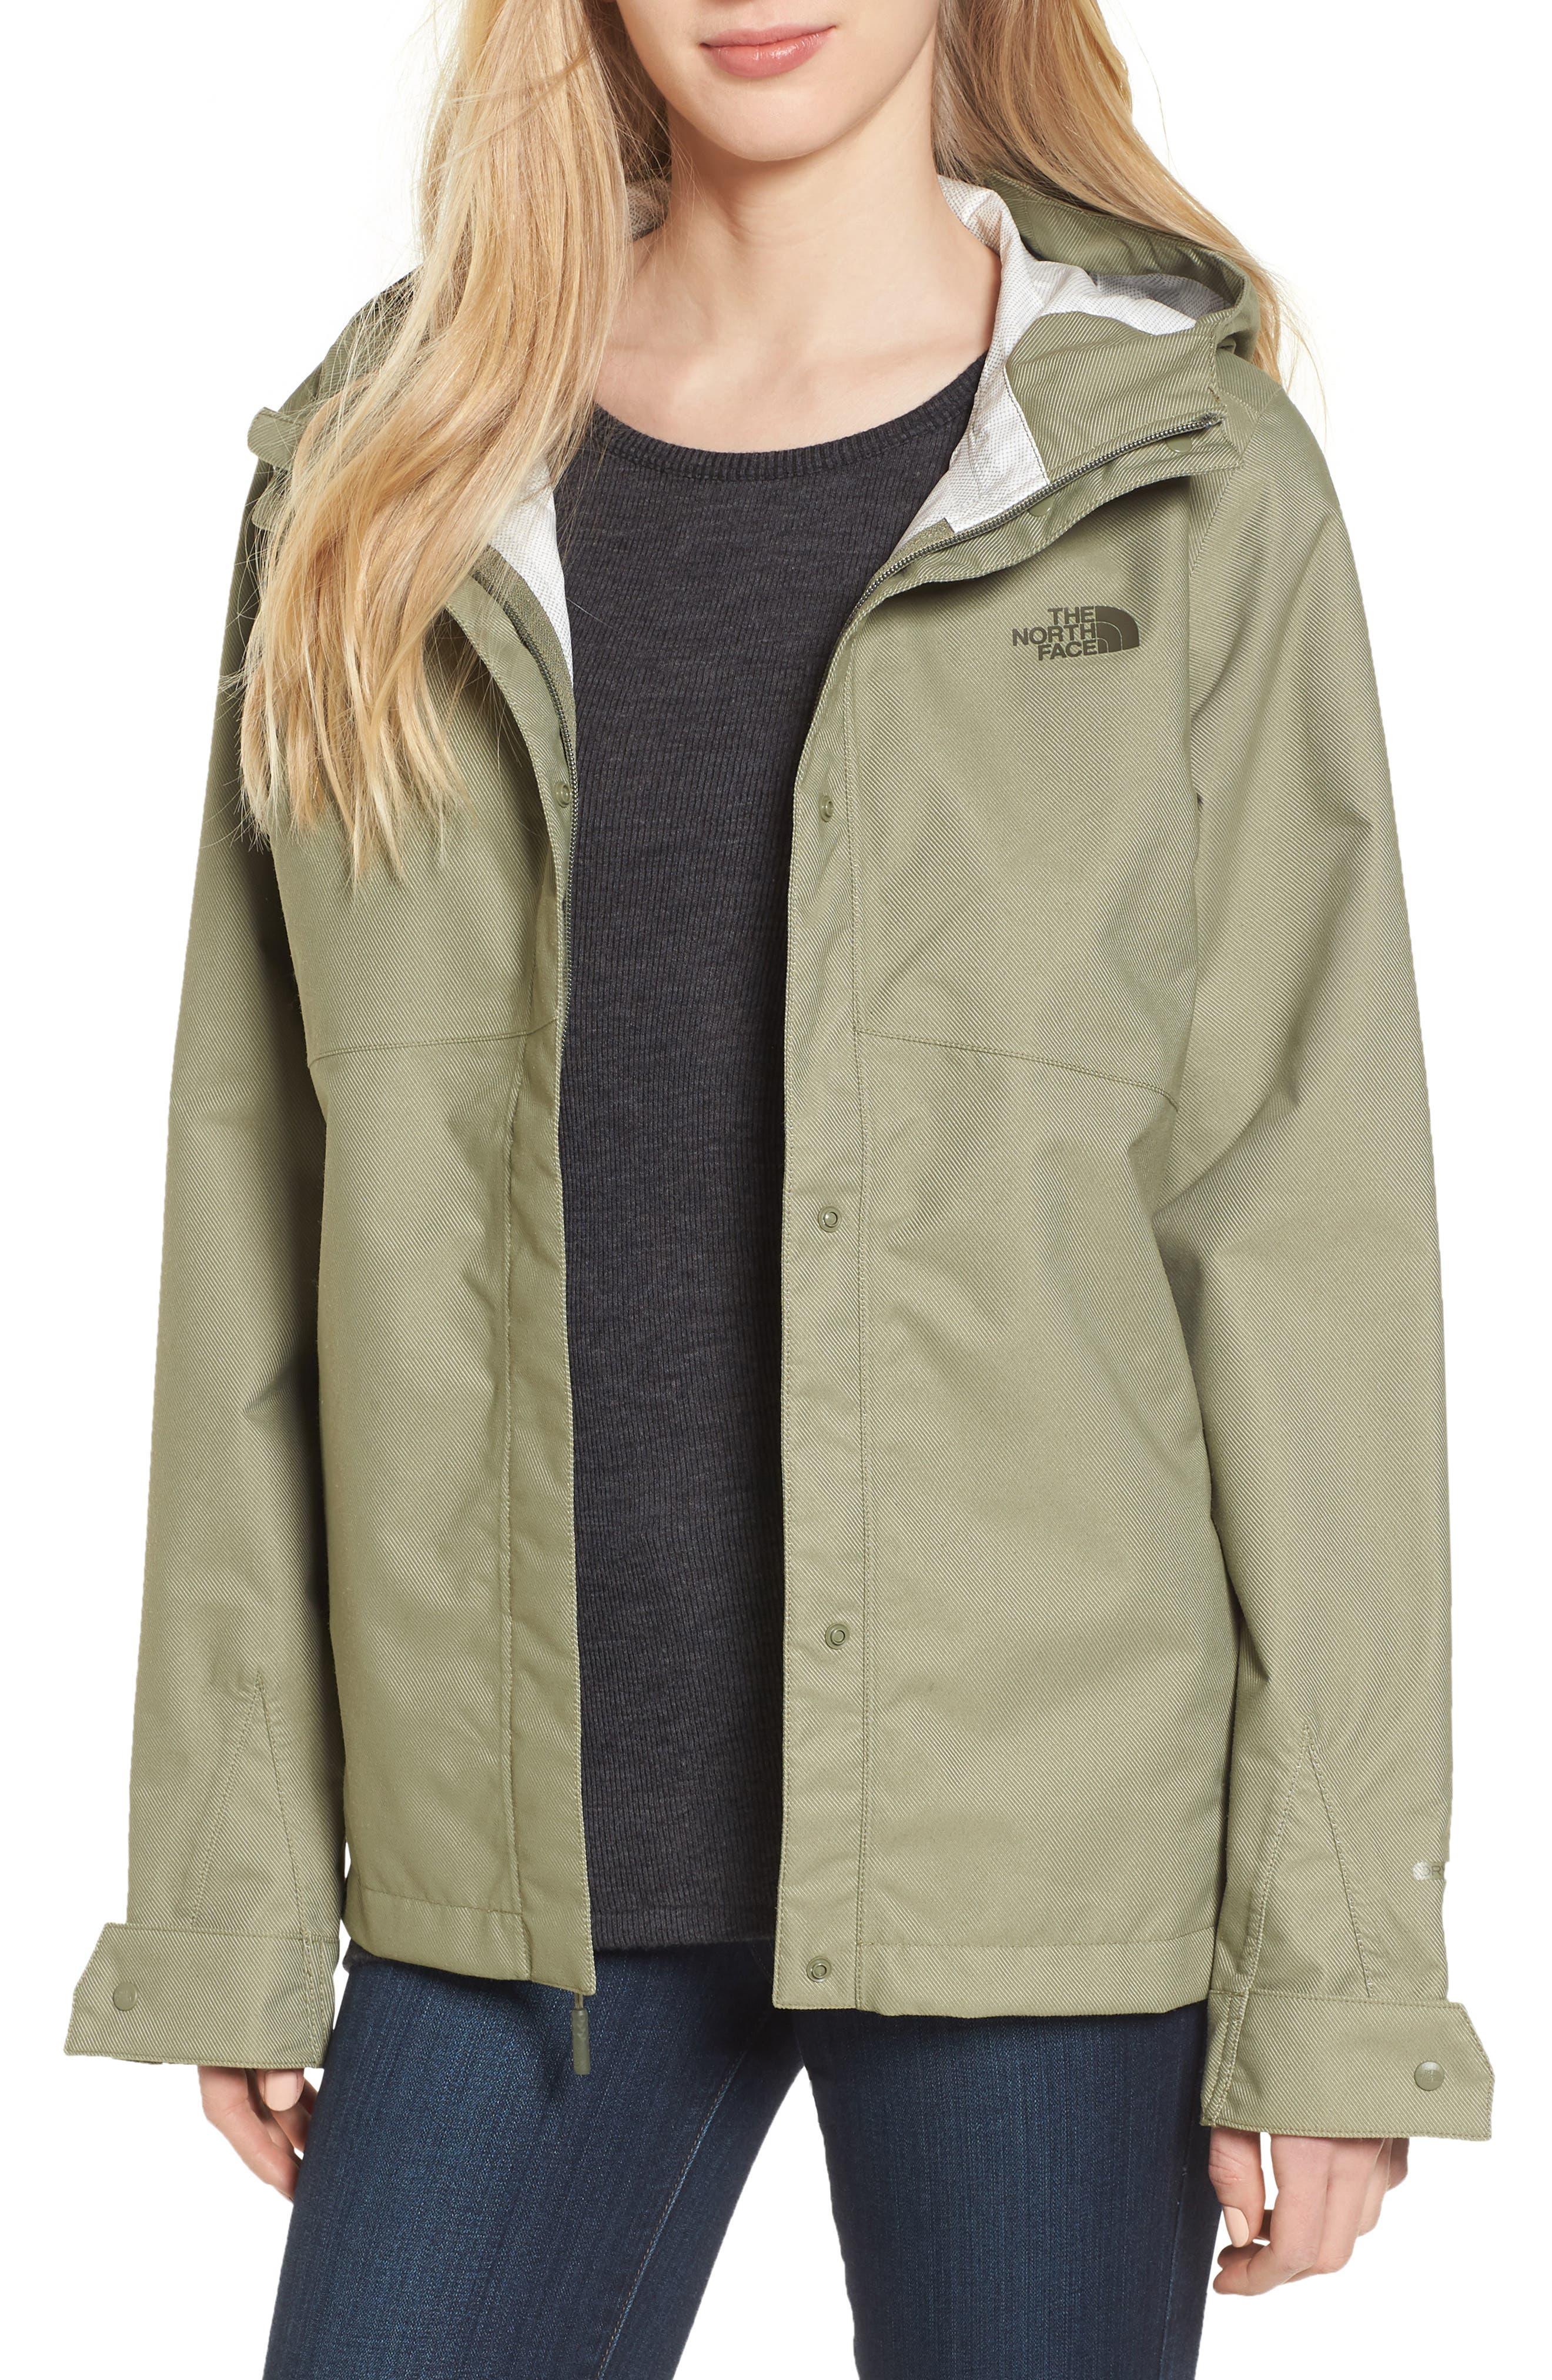 Alternate Image 1 Selected - The North Face Berrien Waterproof Jacket